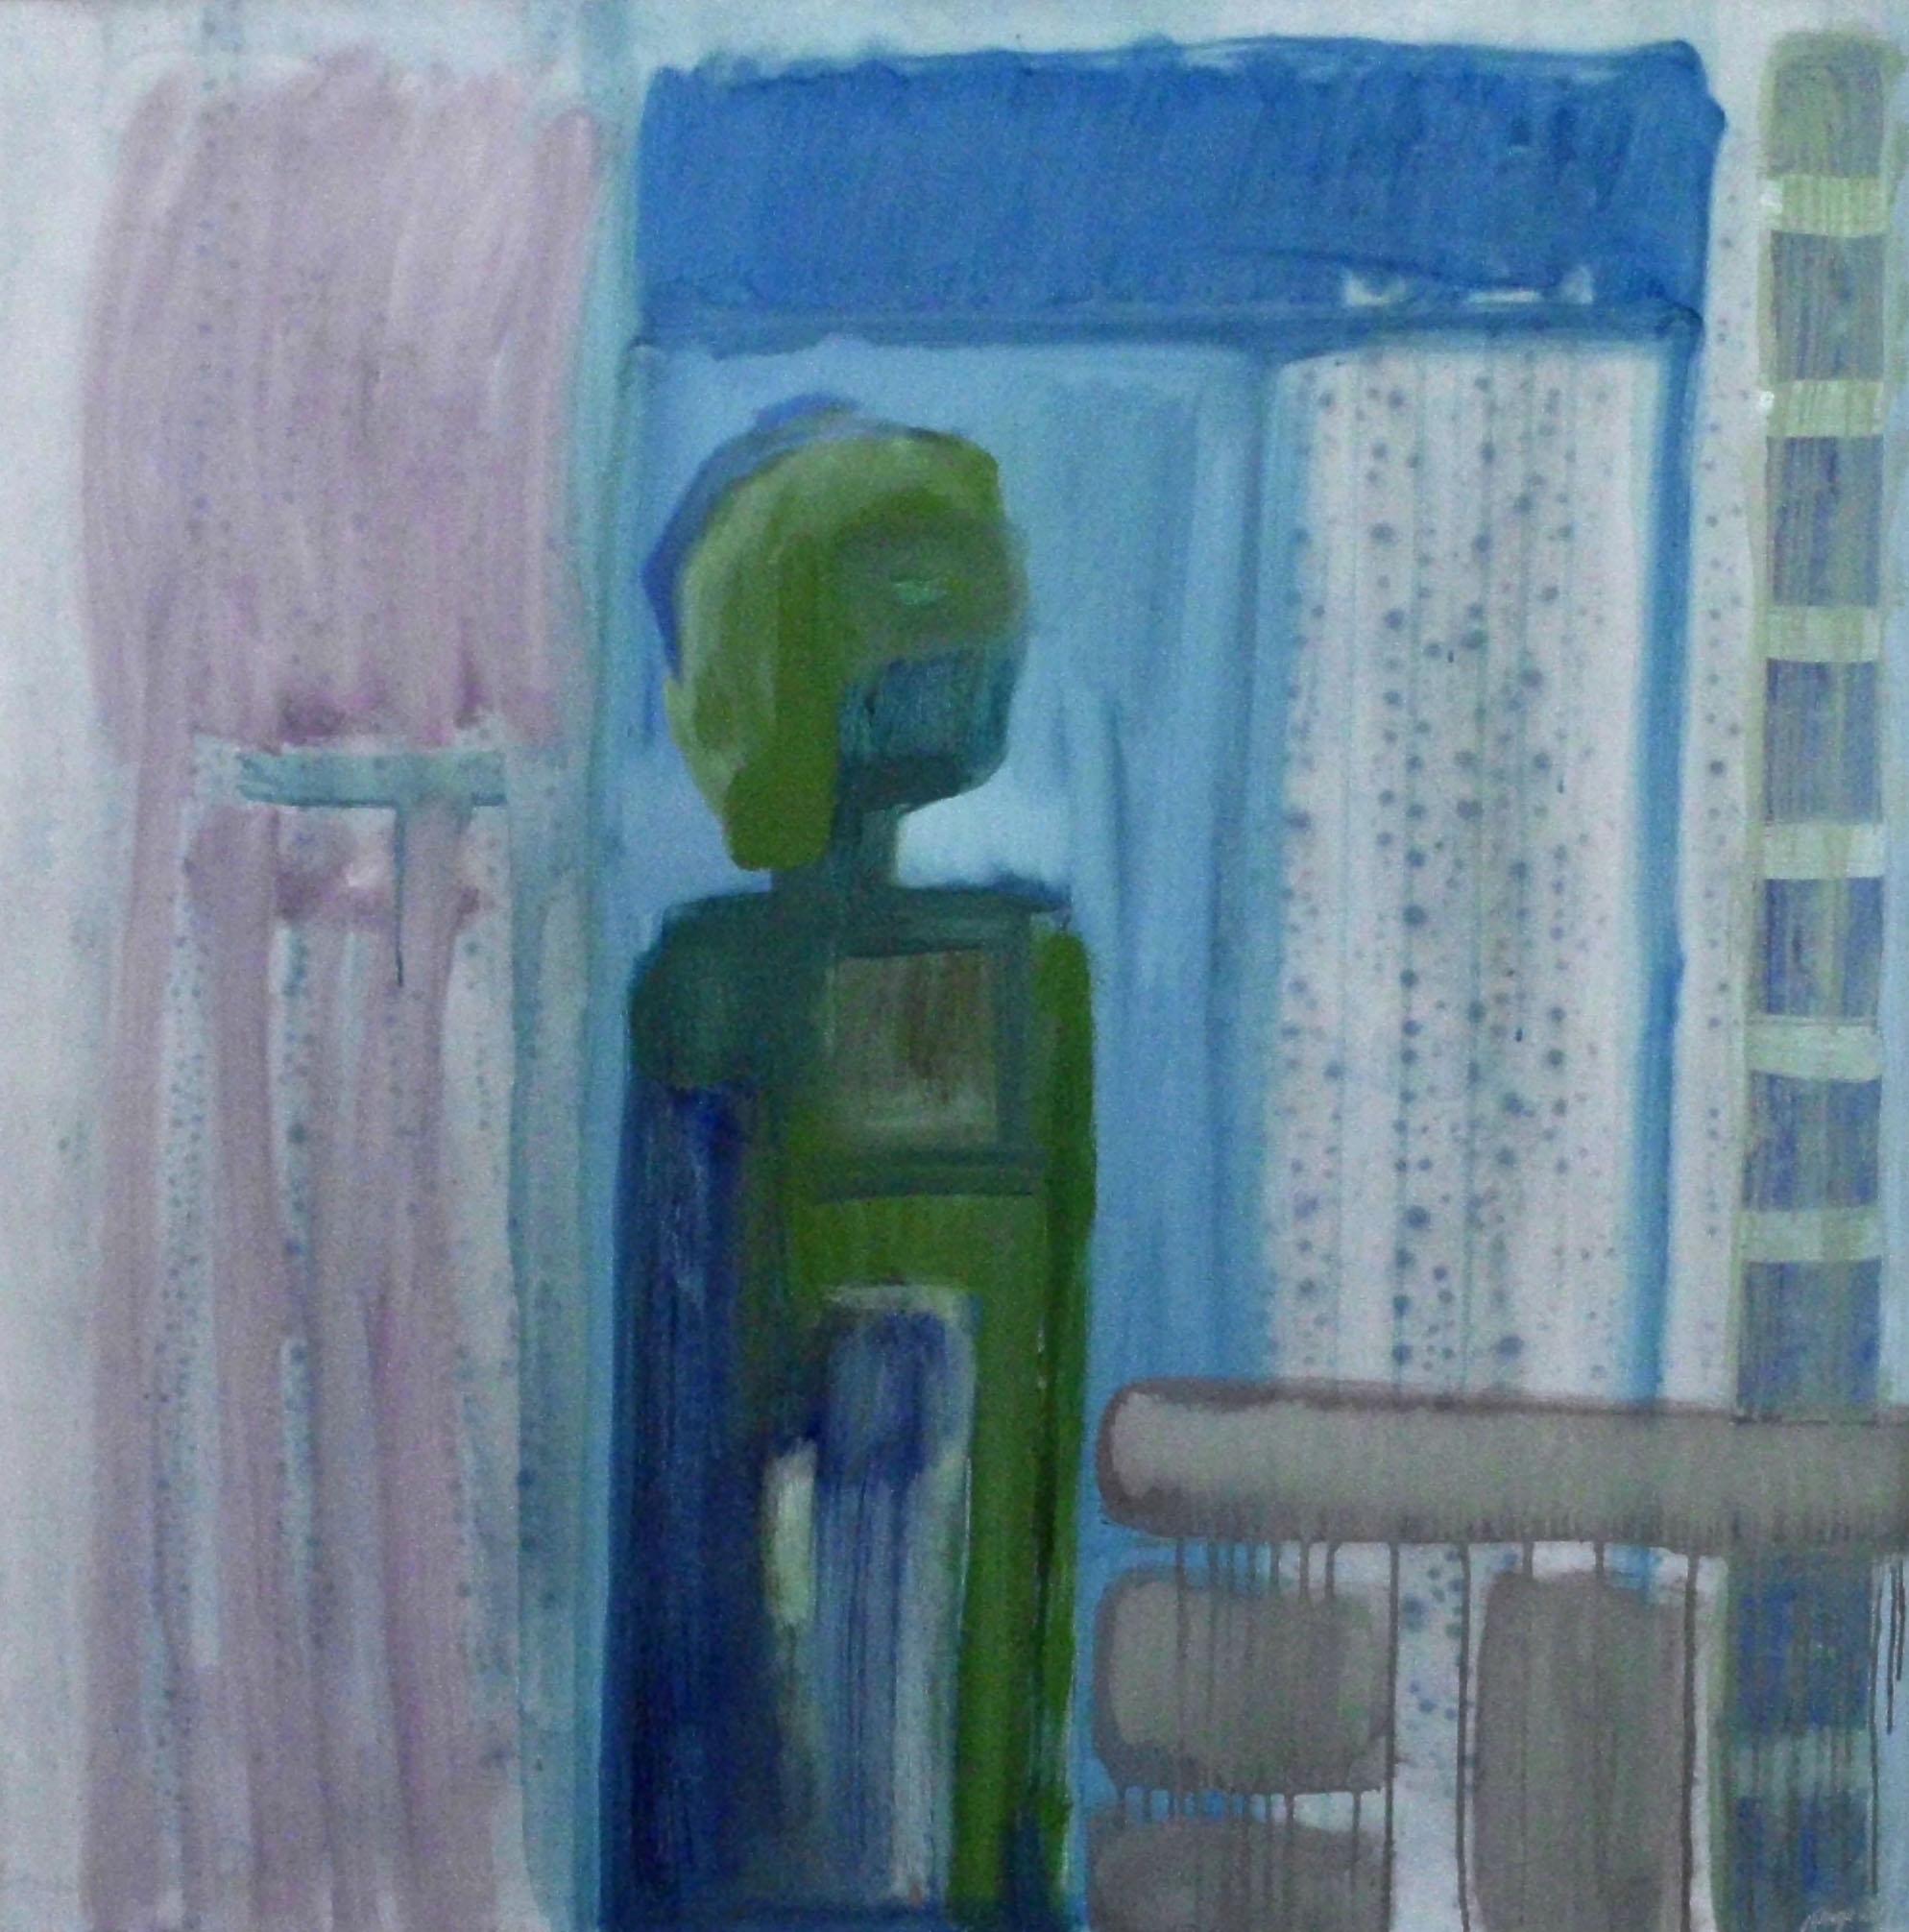 17-angelika_telenga-blue-2014-acryl_auf_leinwand-100x100